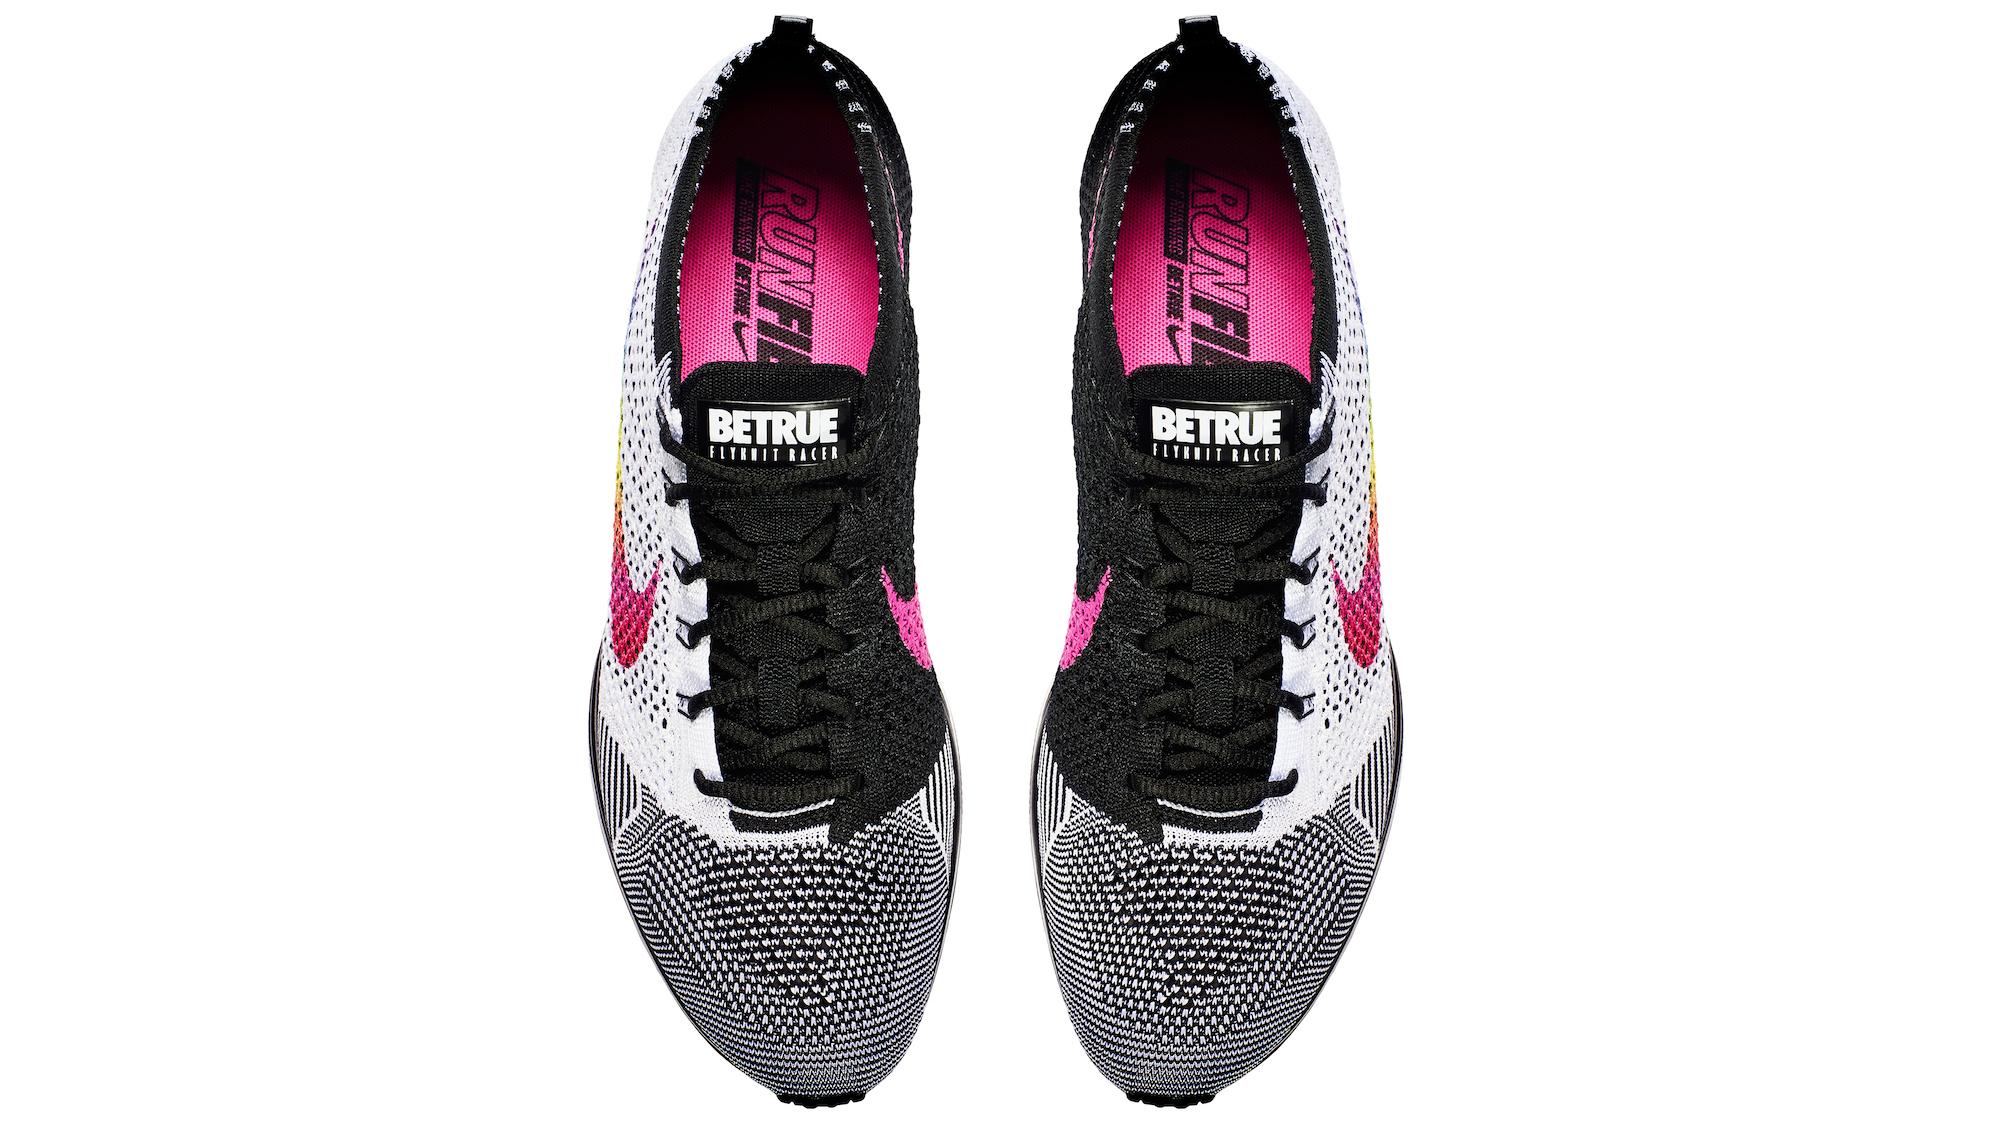 41ae65124236c Nike Flyknit Racer BETRUE 2 - WearTesters